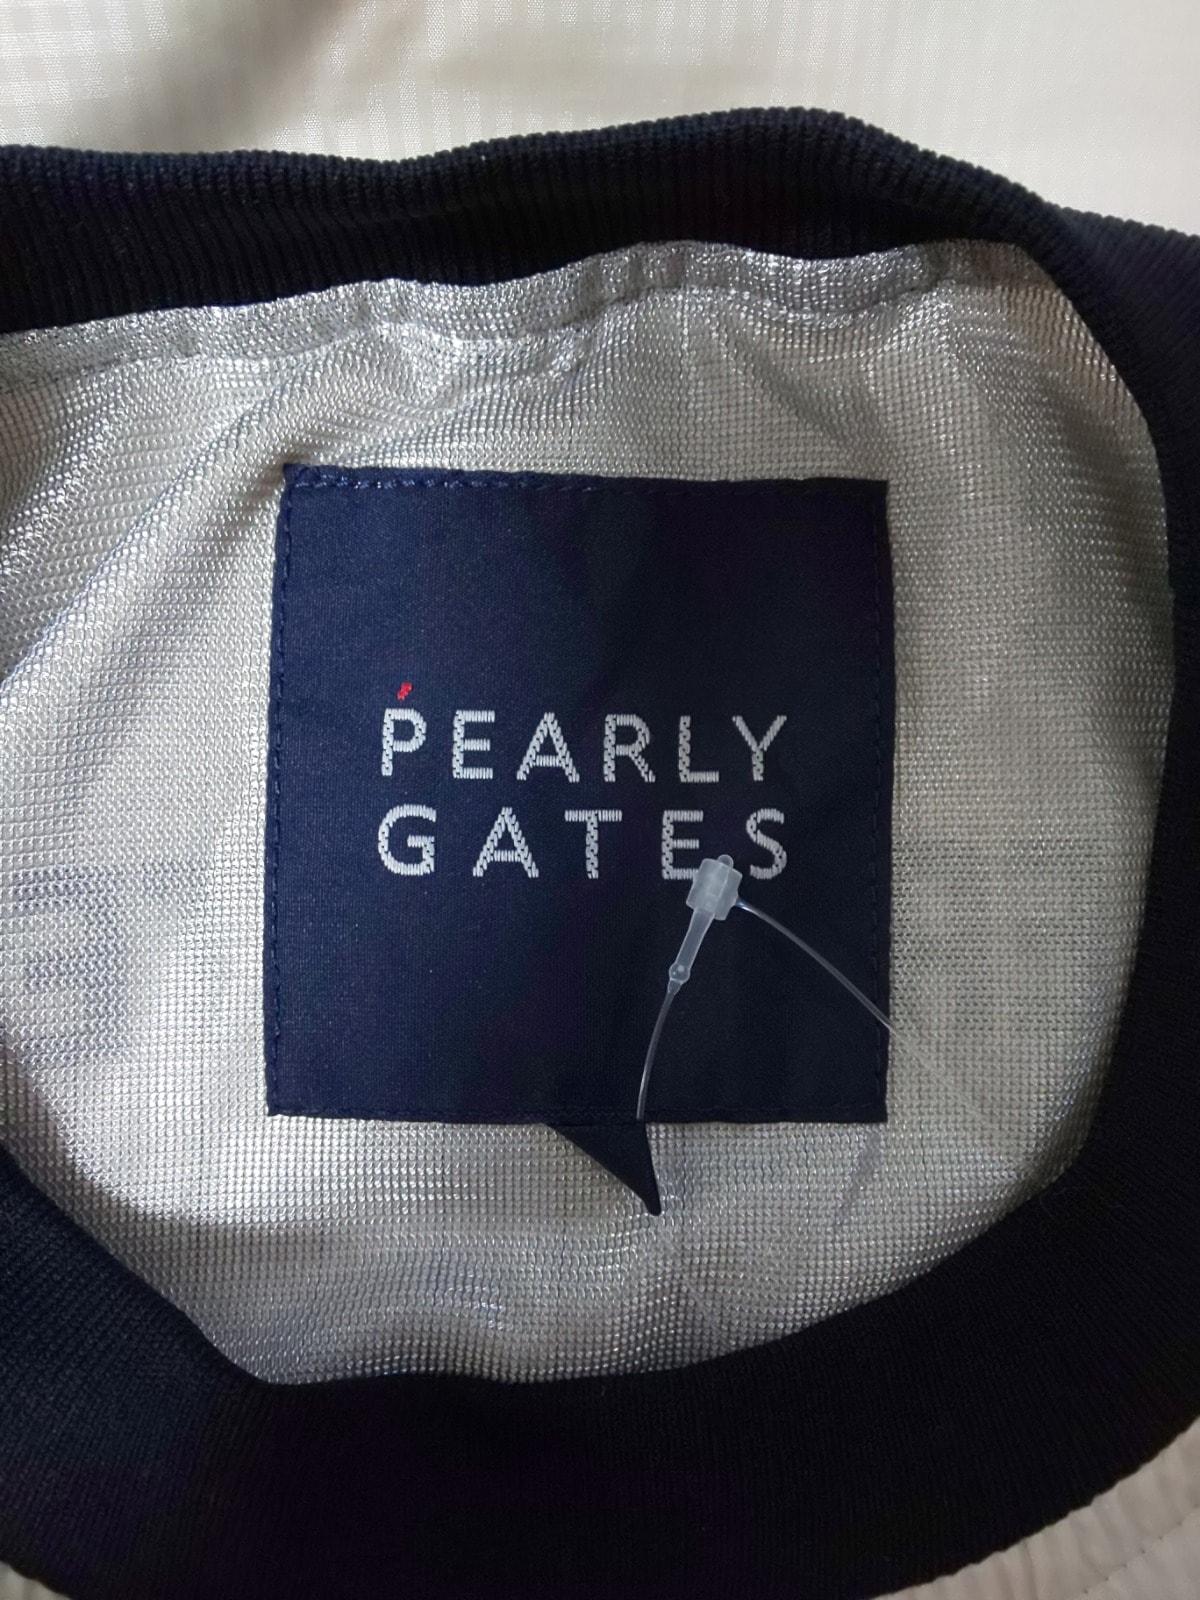 PEARLY GATES(パーリーゲイツ)のブルゾン